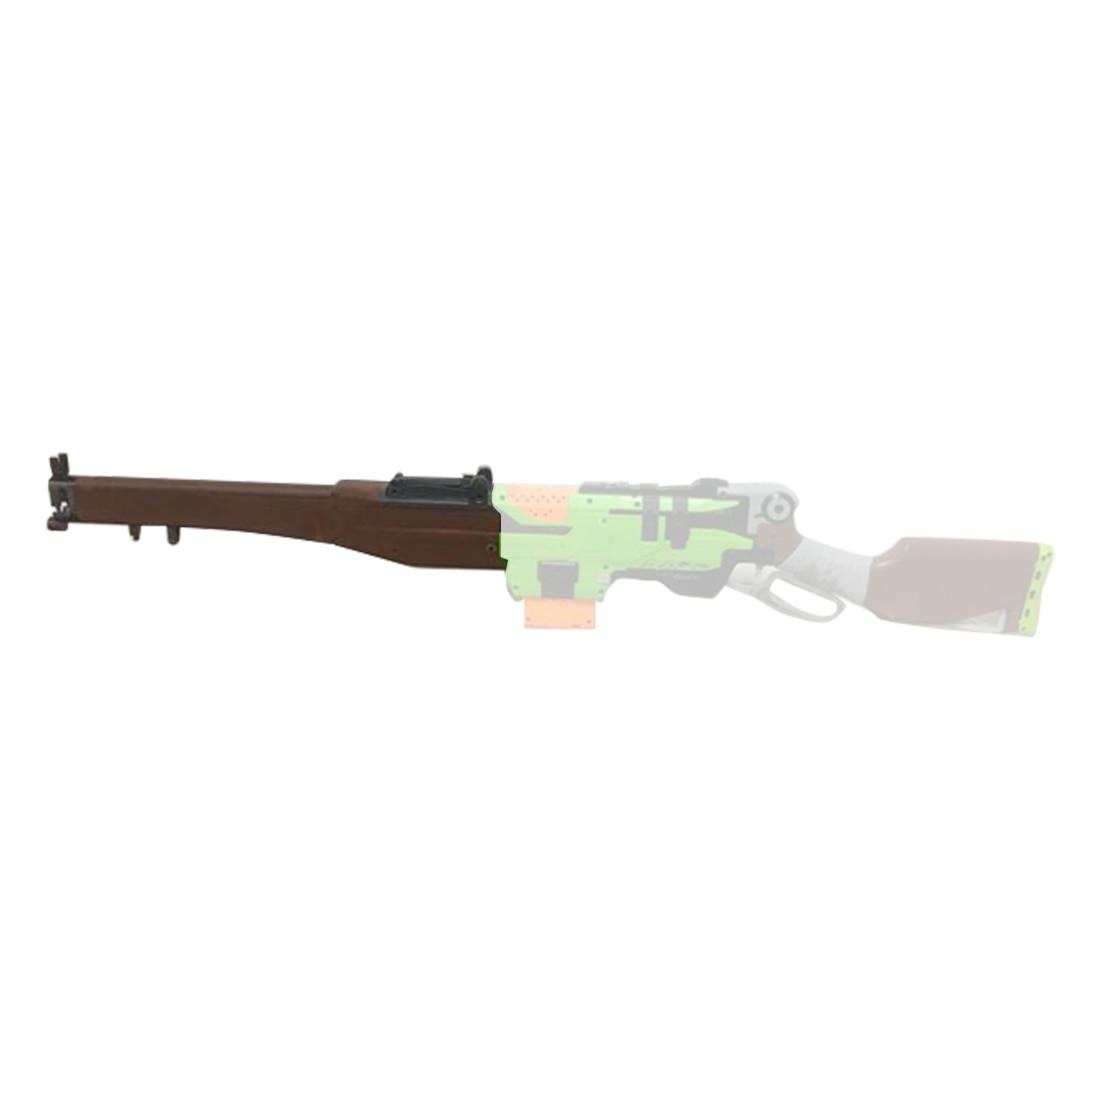 Surwish Militaire Tactique 3D Impression Canons Longs pour Nerf Zombie Grève SlingFire Blaster-Brun